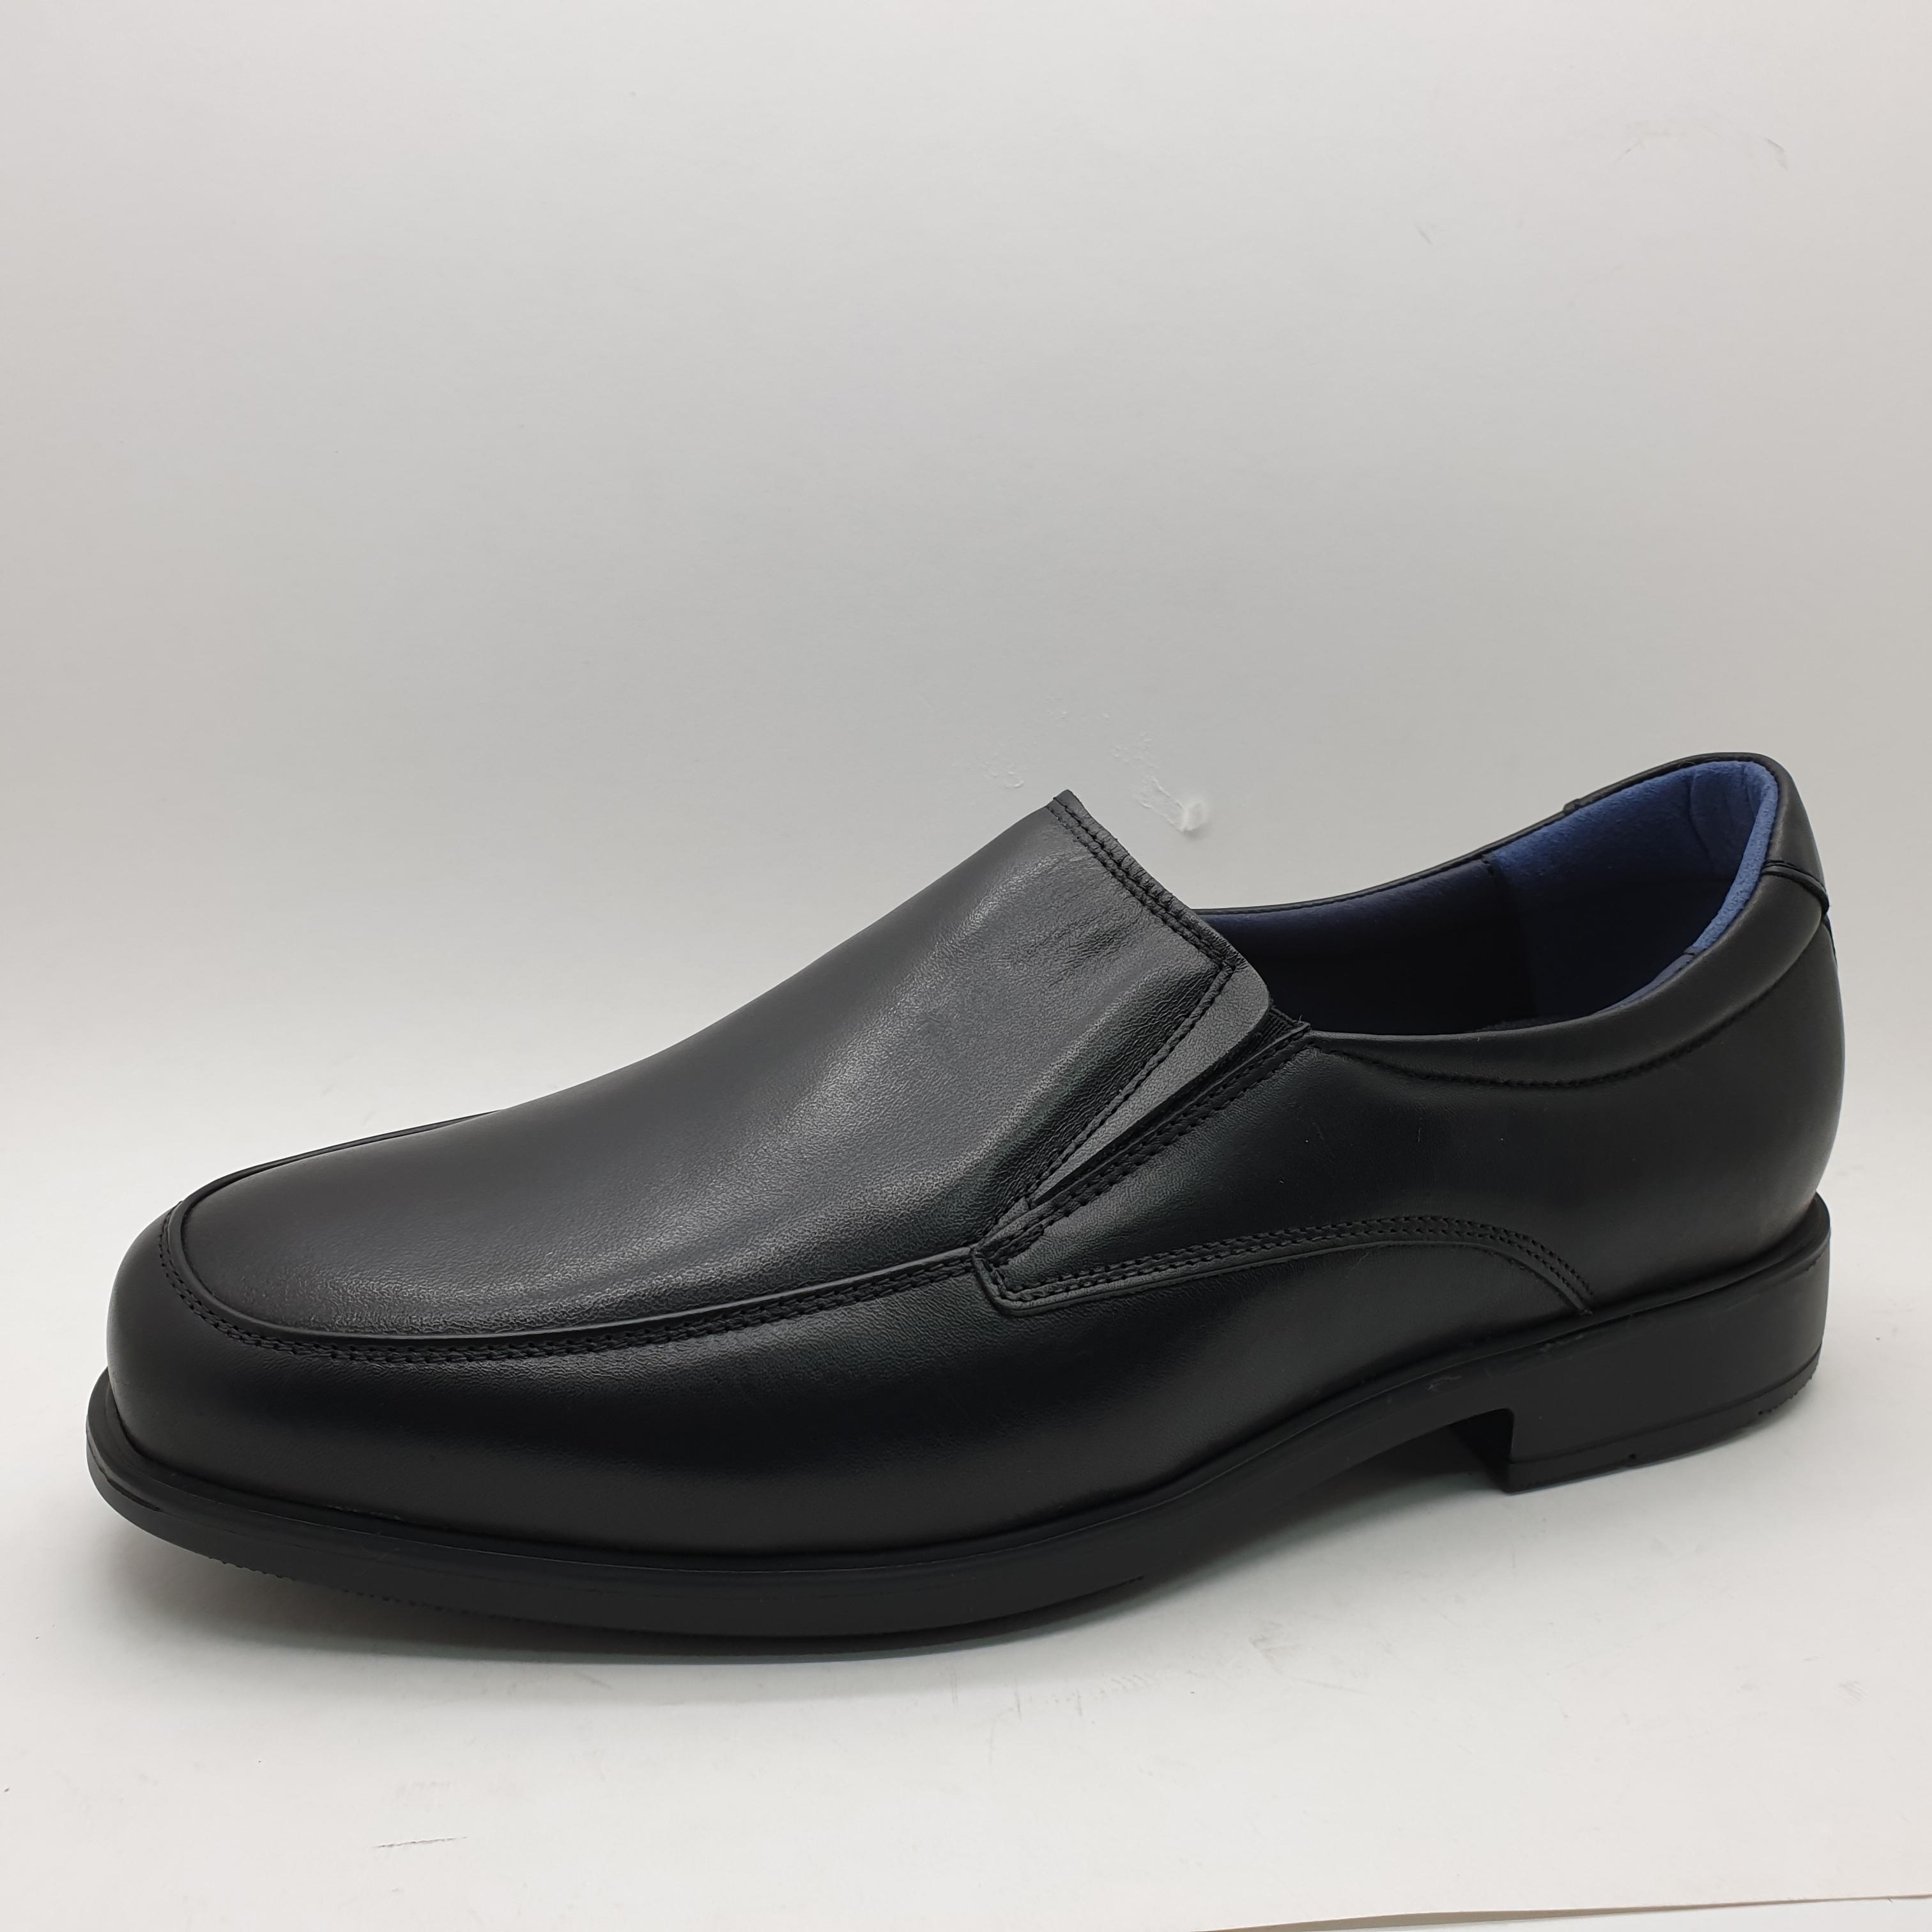 ce2a556e Inicio; >; Zapatos; >; Zapatos Hombre; >; Fluchos 8499 luca